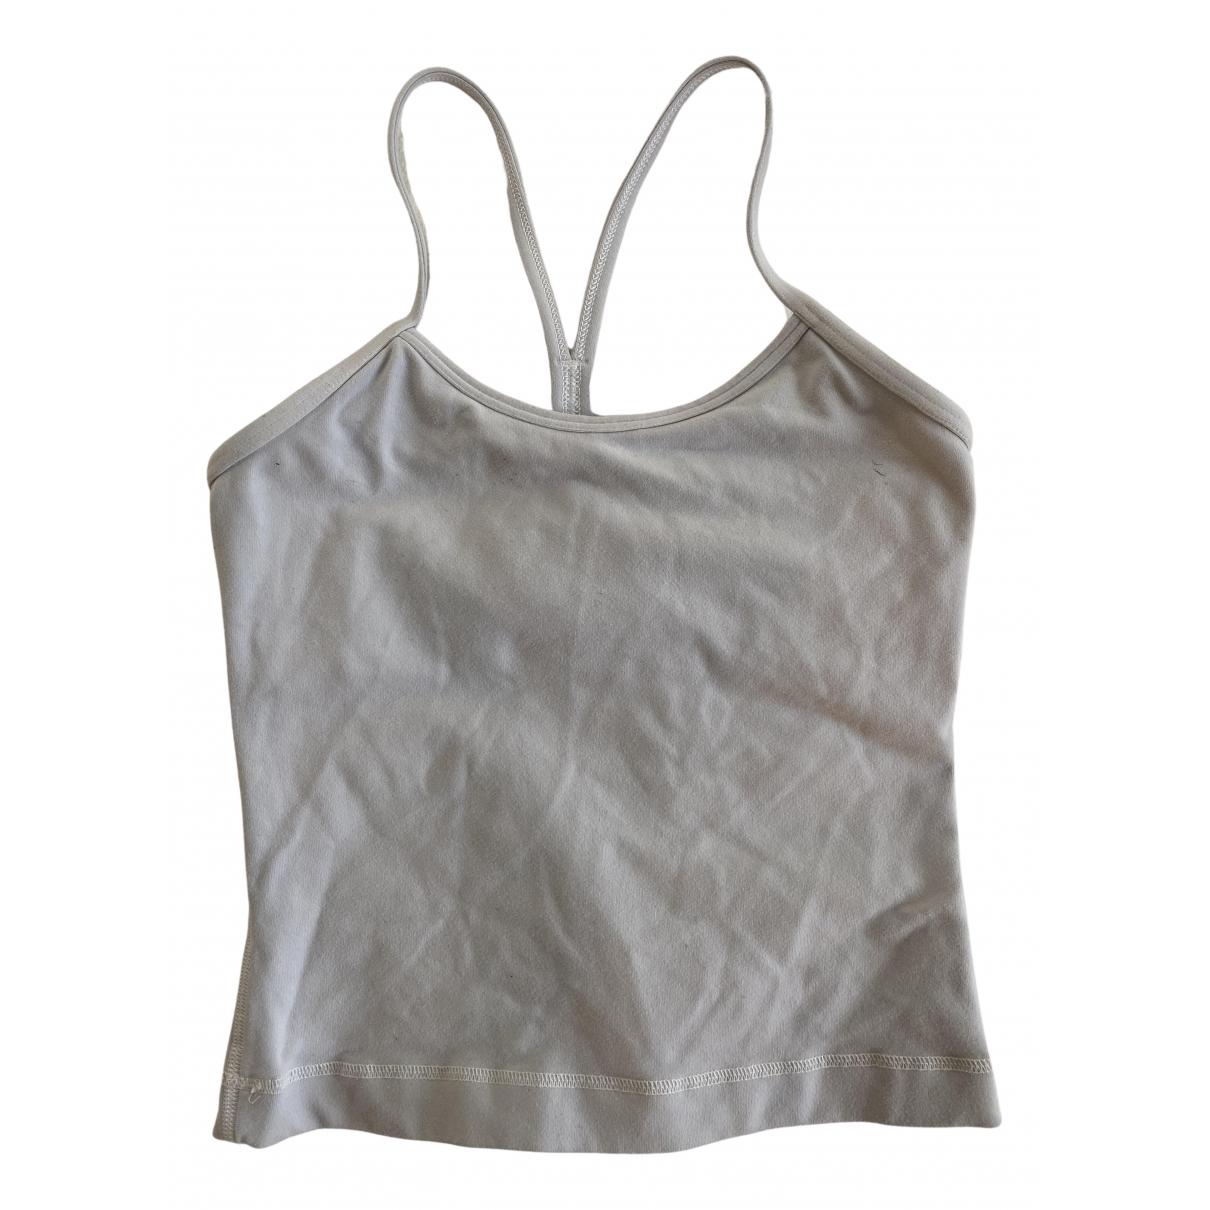 Lululemon - Top   pour femme en coton - blanc